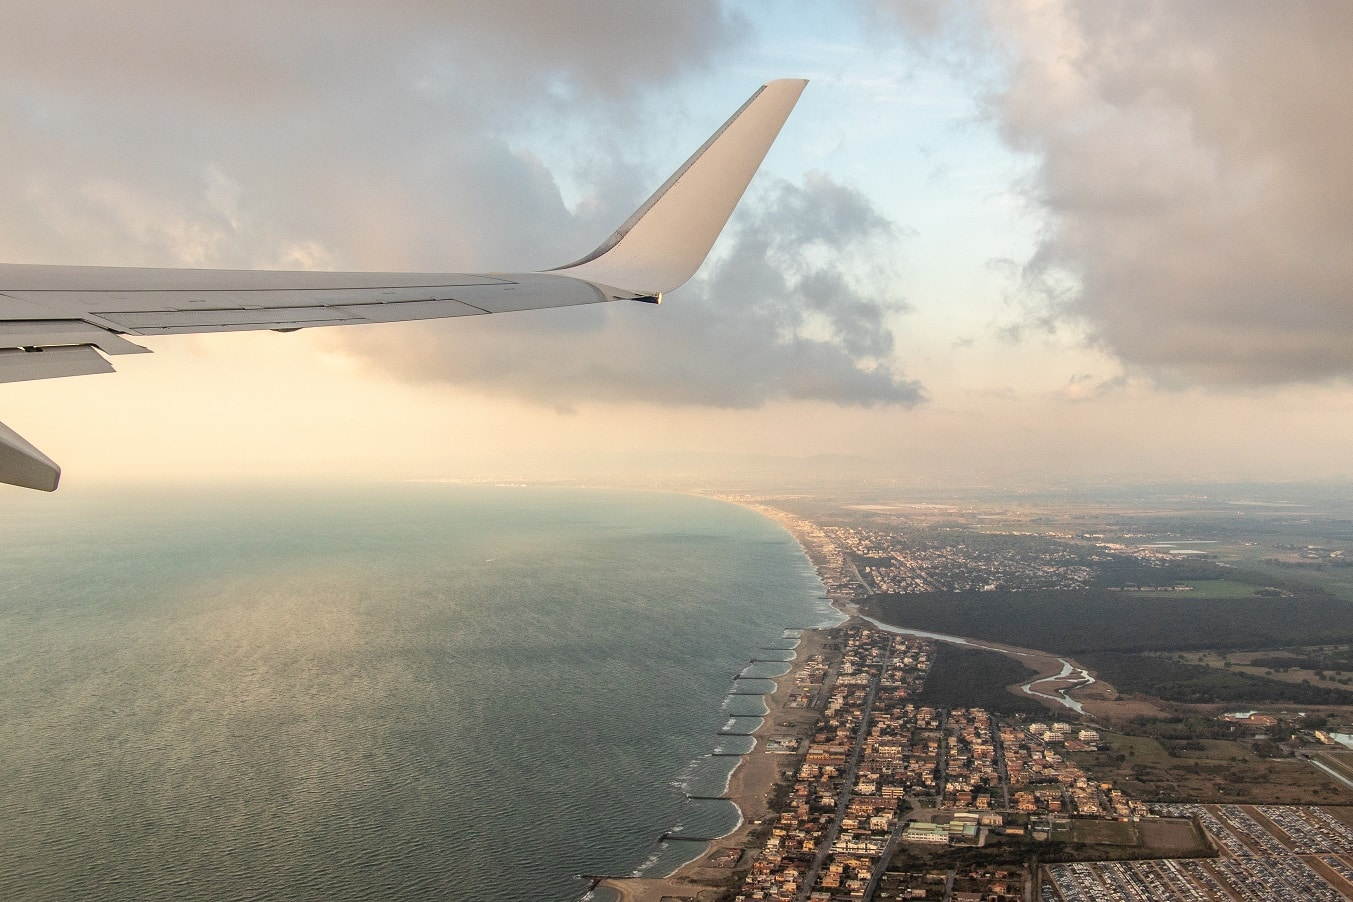 De co2 impact van vliegen